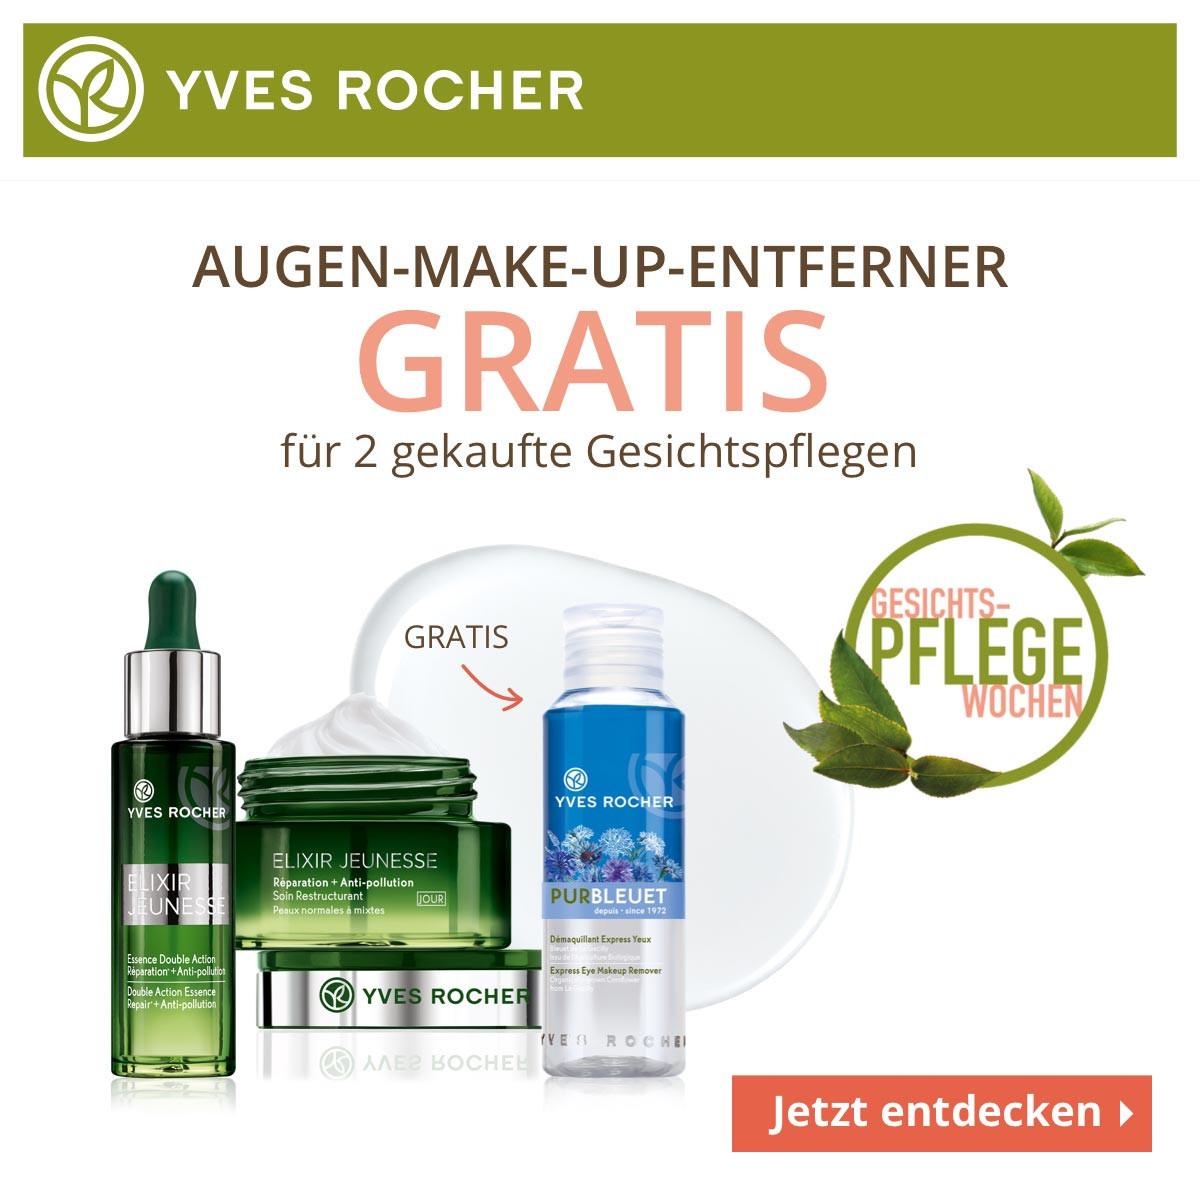 Gesichtspflege-Wochen (10 € Rabatt ab 45 € Bestellwert, Geschenke ab 10 € und 39 €, kostenloser Augen-MakeUp-Entferner)